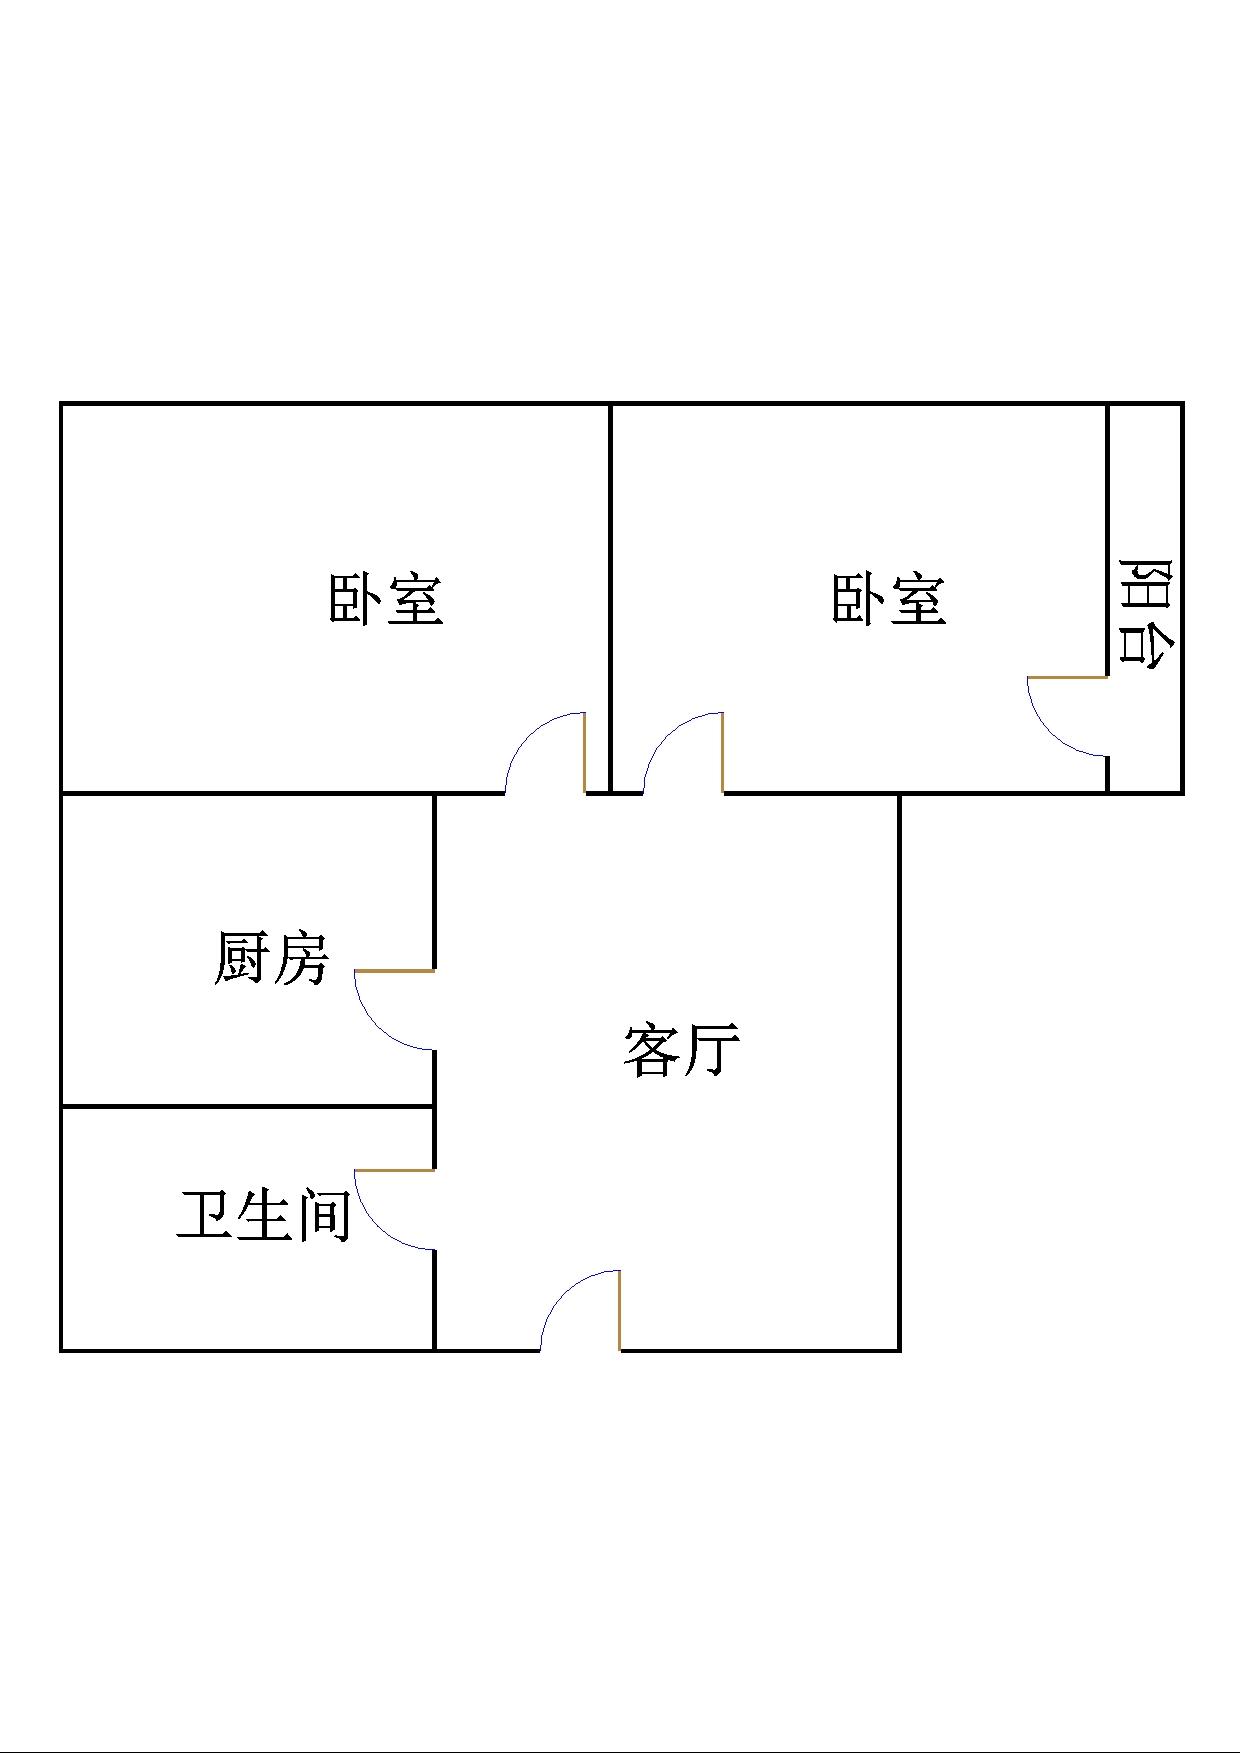 北园小区 2室2厅 双证齐全过五年 简装 65万